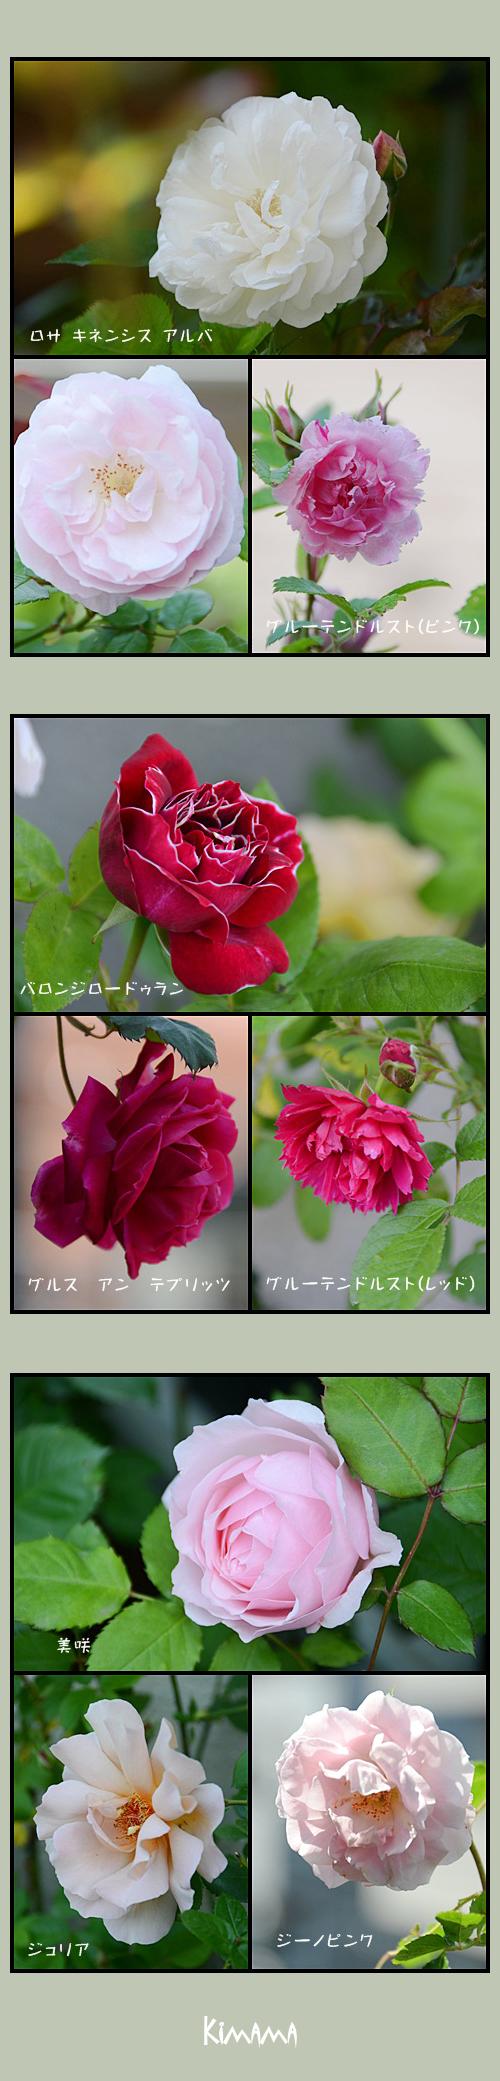 5月10日薔薇2